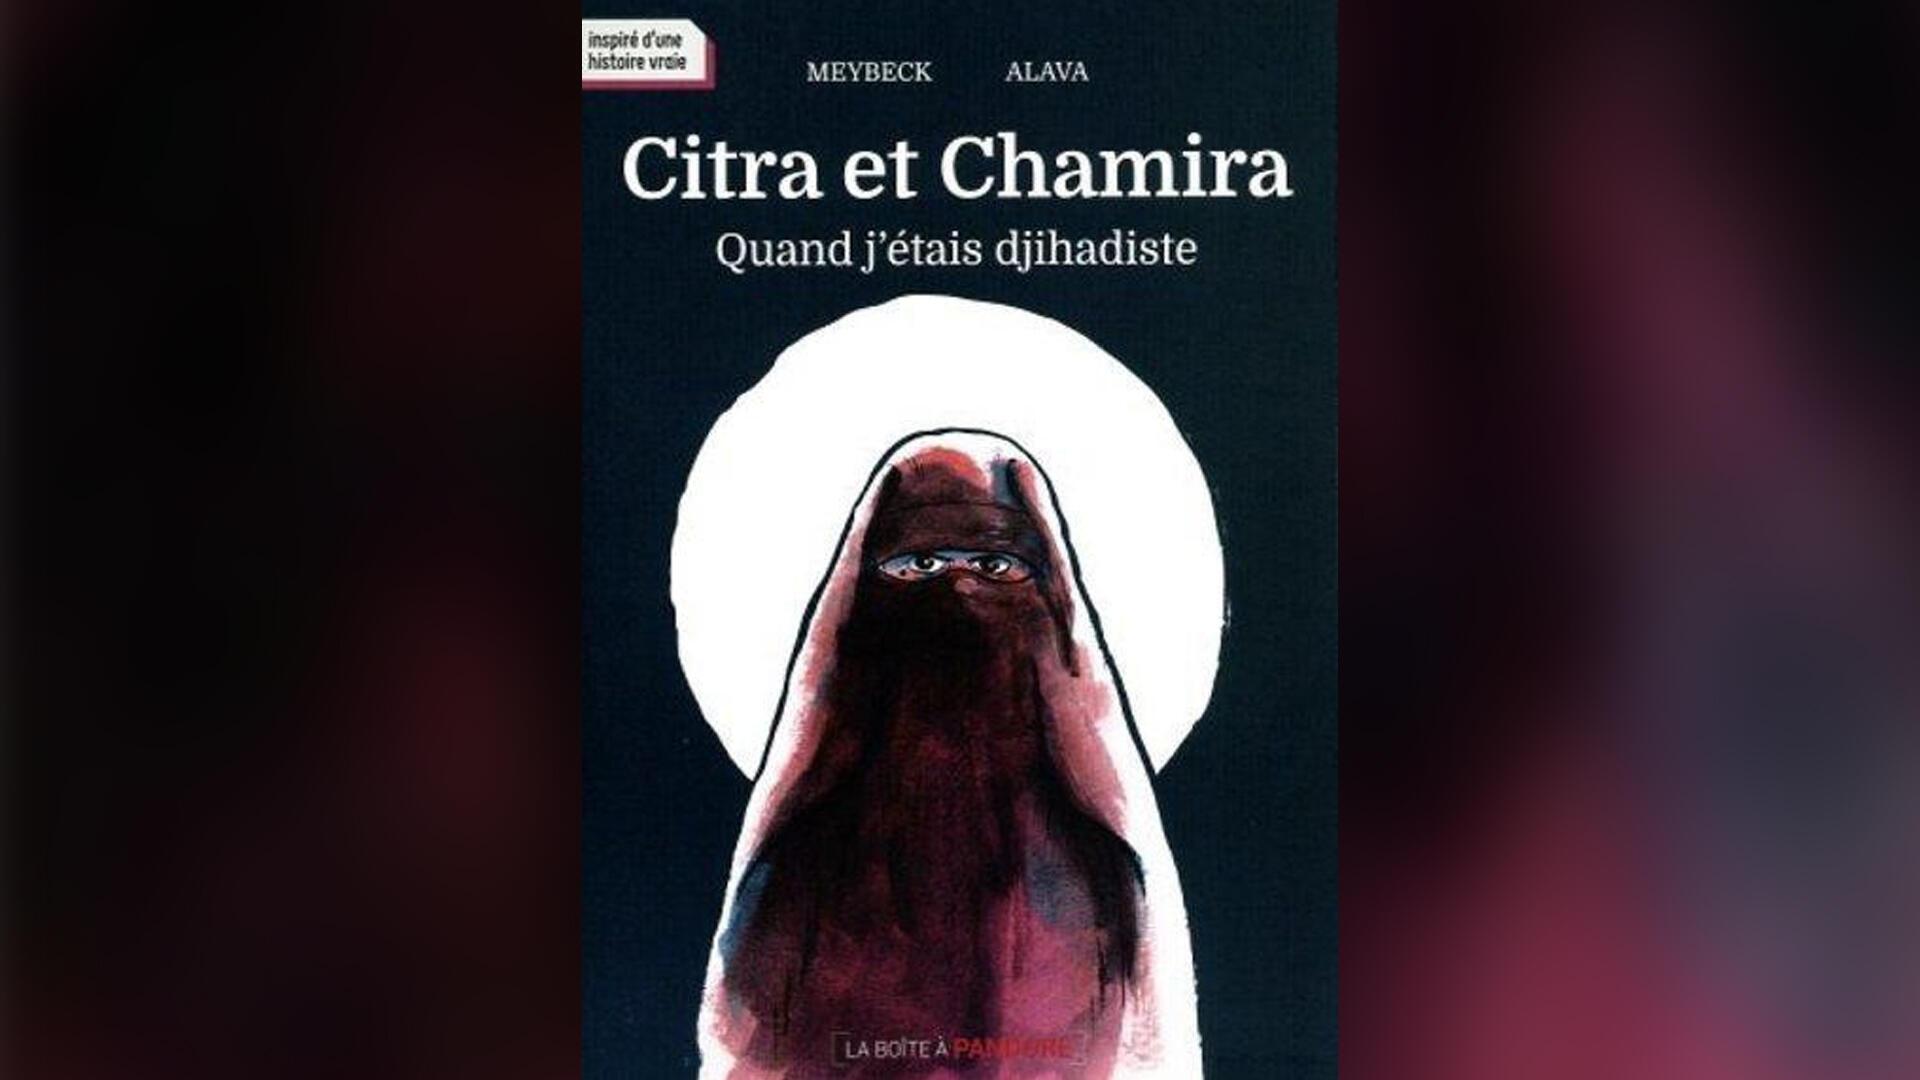 couverture - bande dessinée - Citra et Chamira quand j'étais djihadiste - Meybeck - Alava - radicalisation